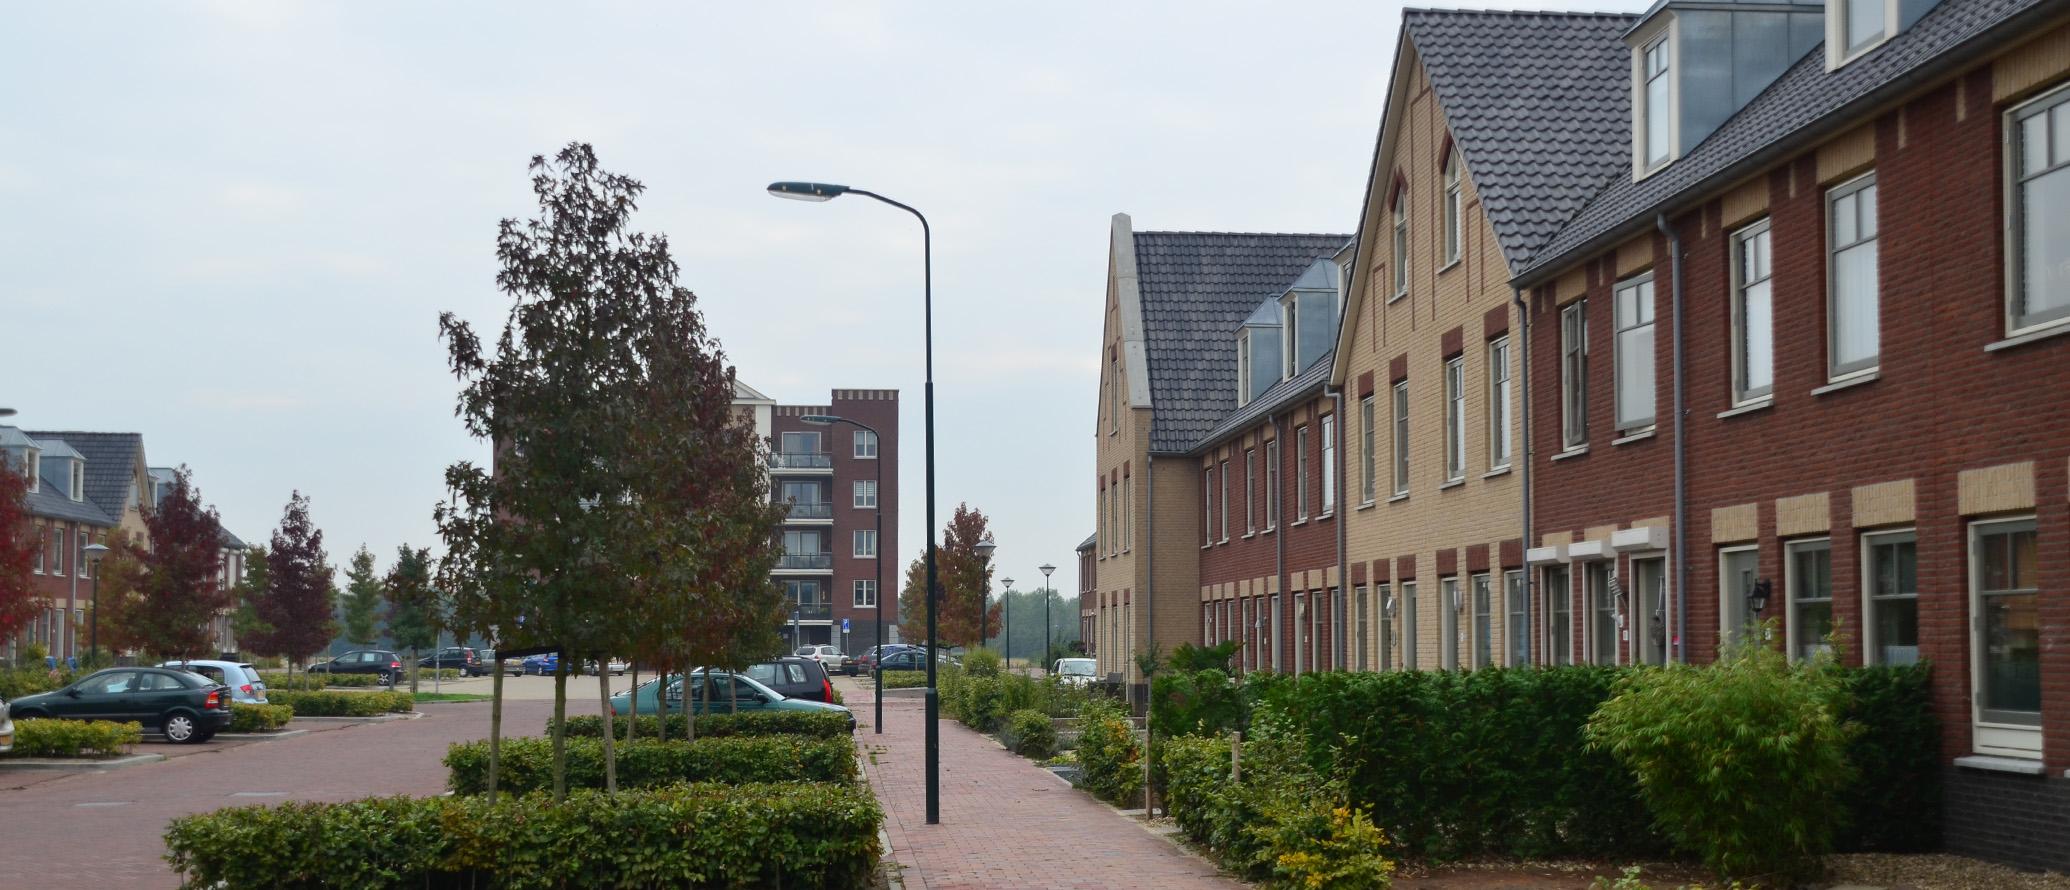 Ewijk Masterplan gerealiseerd